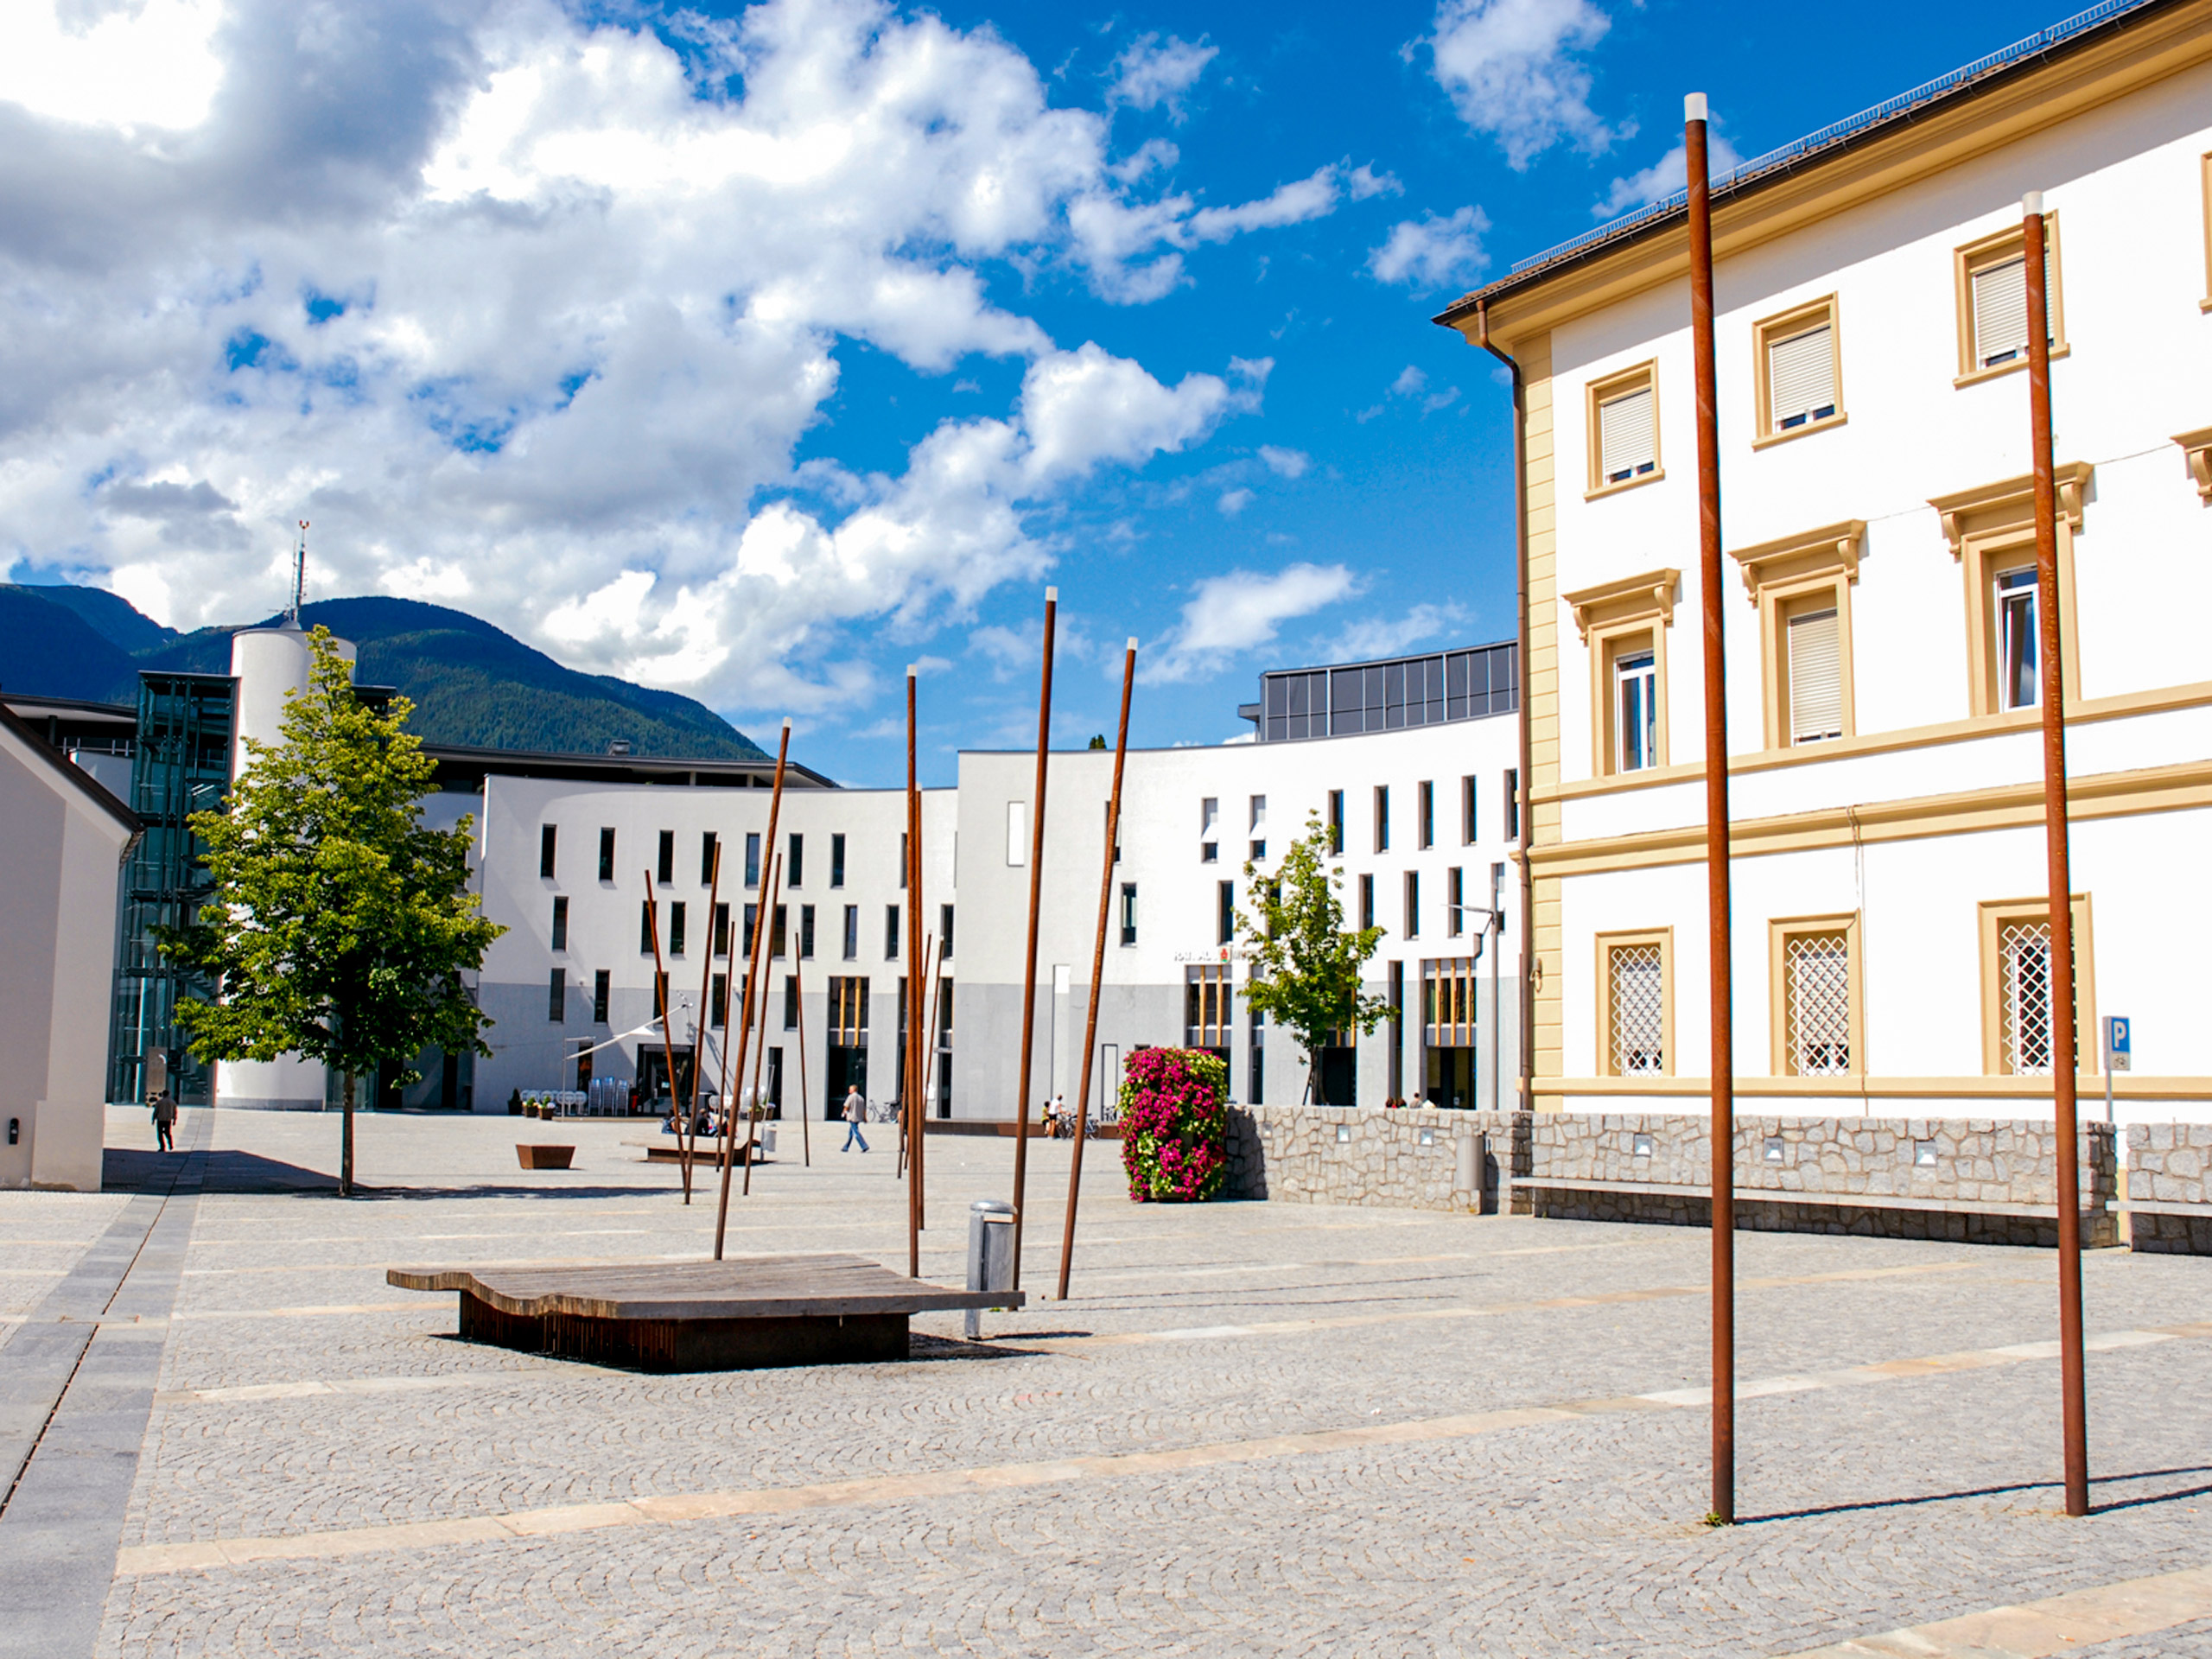 Bruneck Rathausplatz view